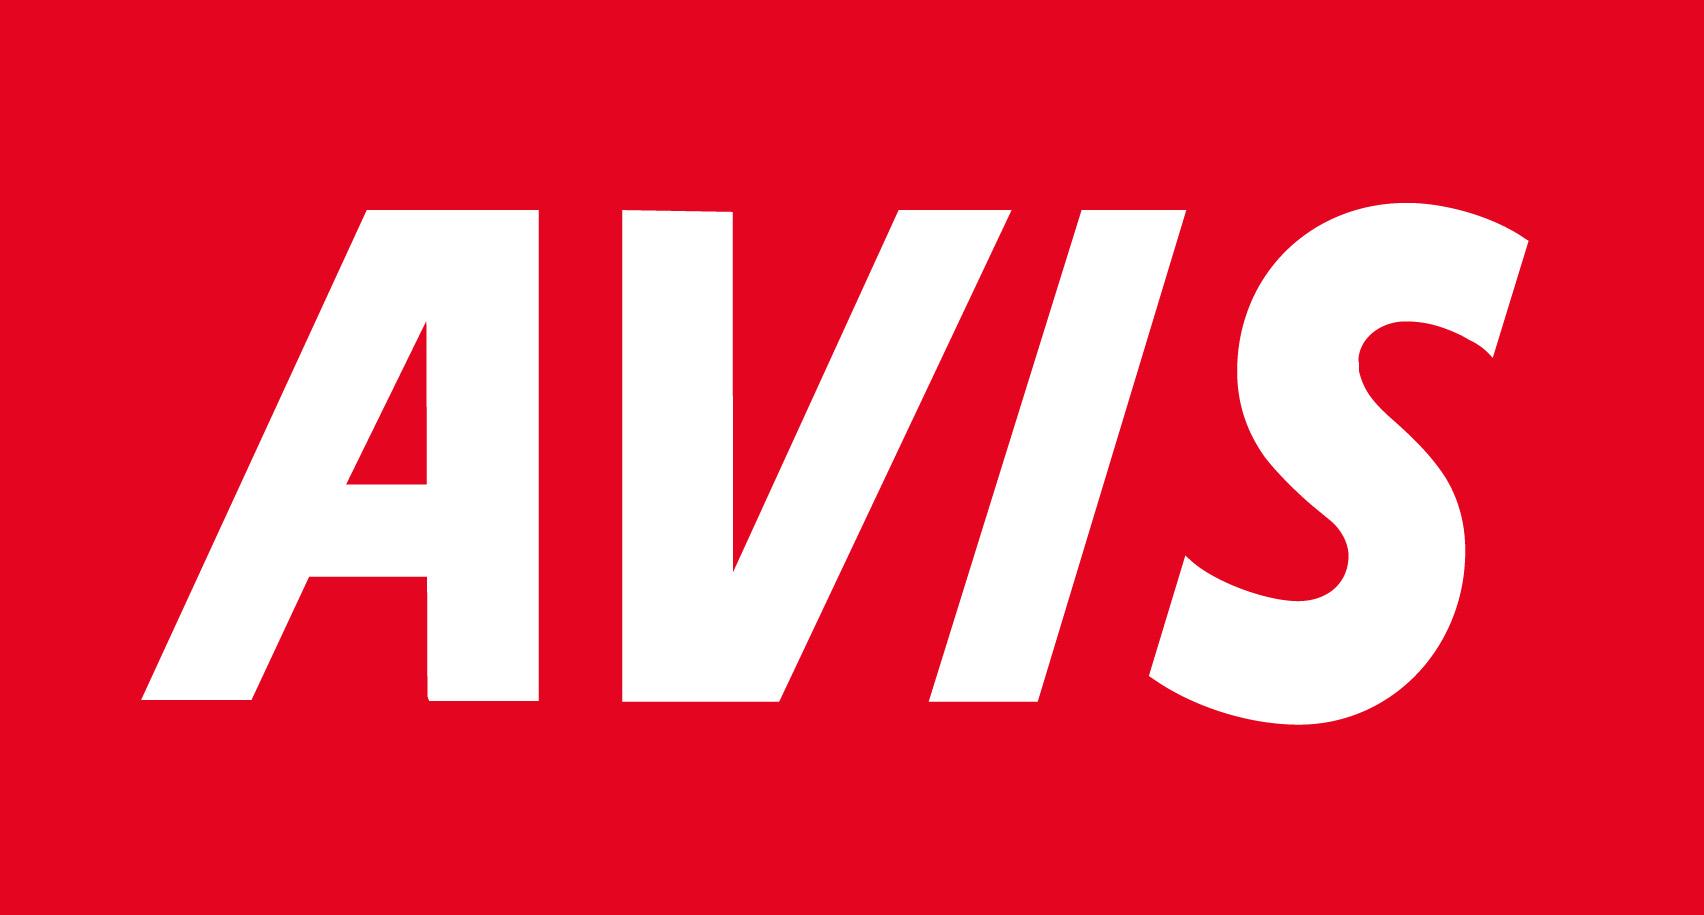 Avis Logos.